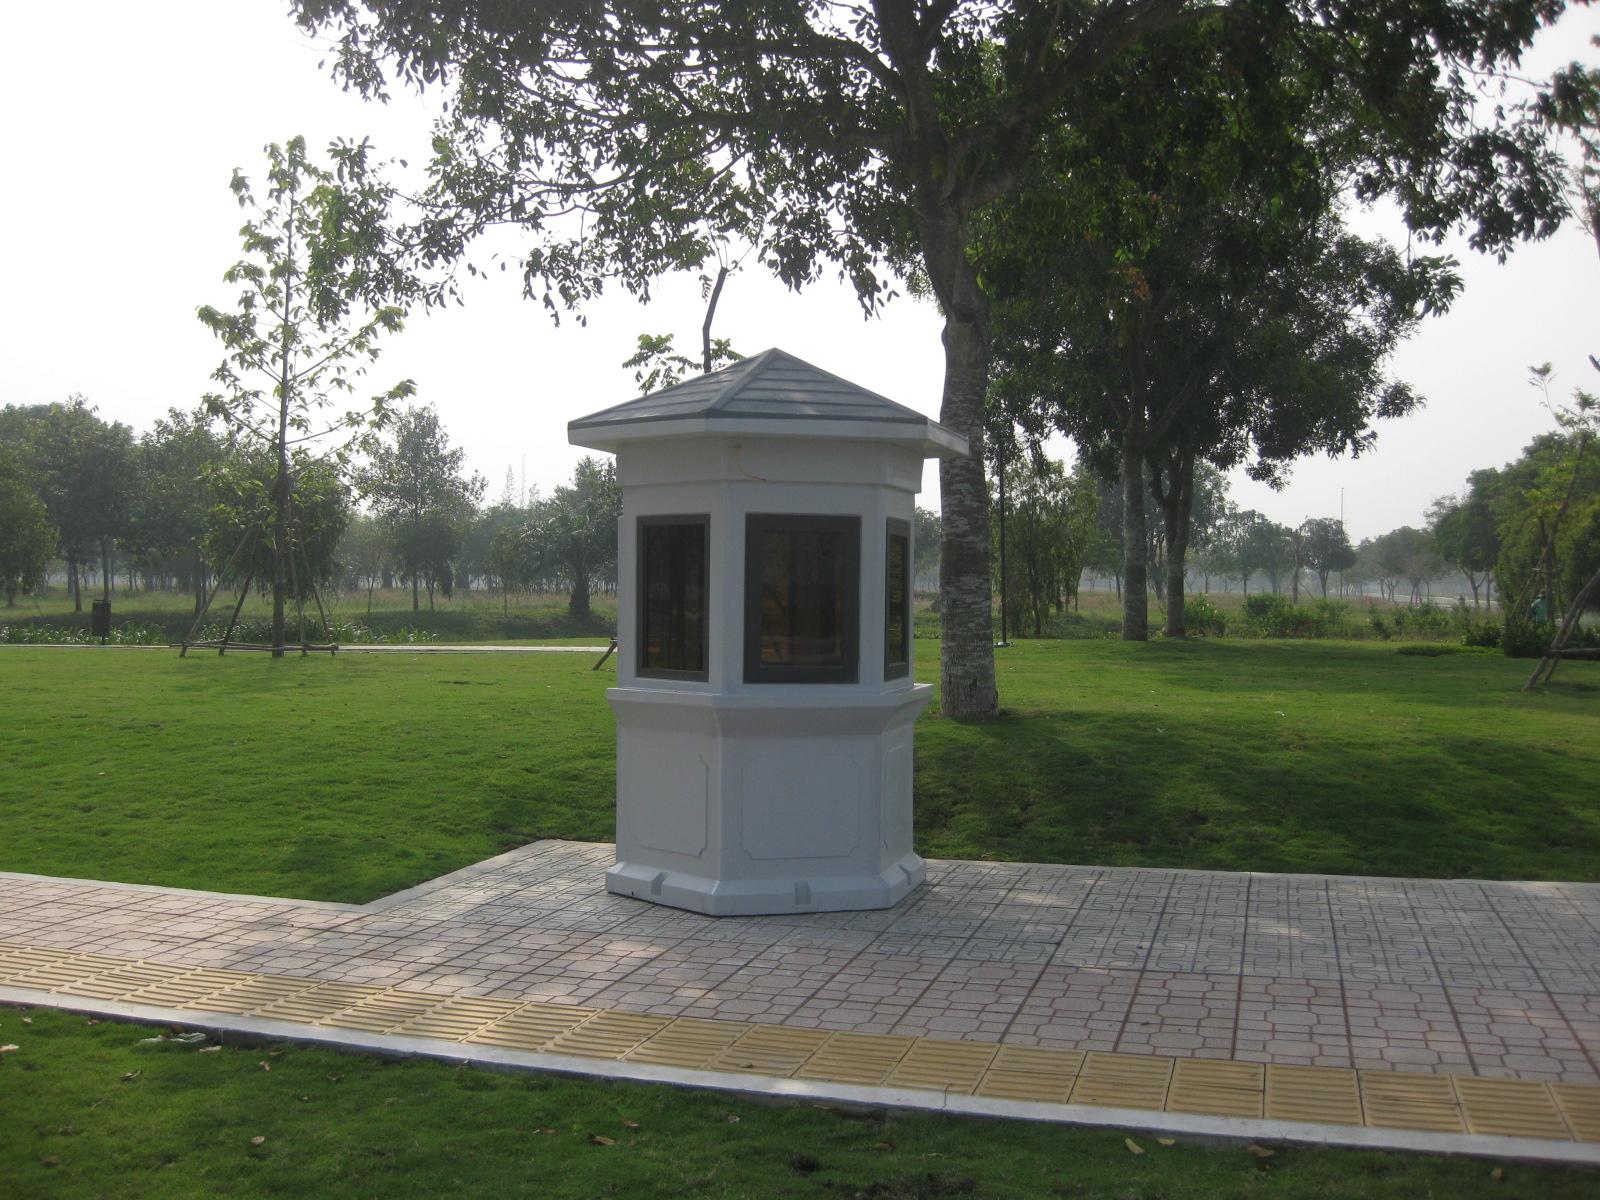 Hình ảnh lắp đặt cabin bảo vệ trang trí sân vườn